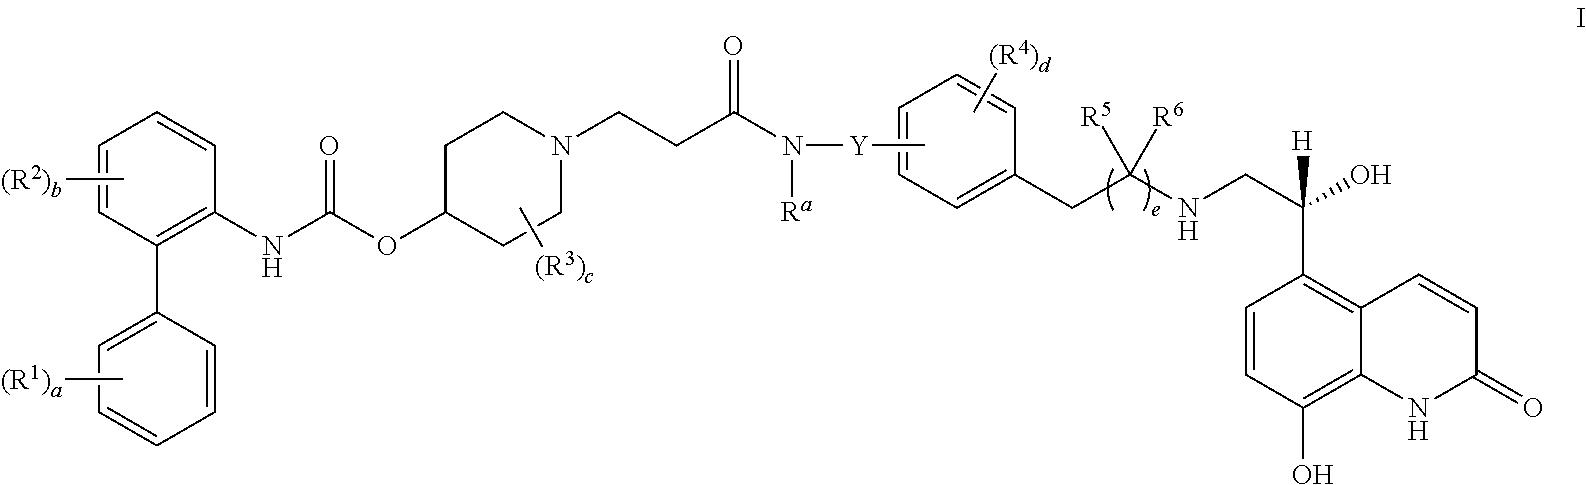 Figure US10138220-20181127-C00002